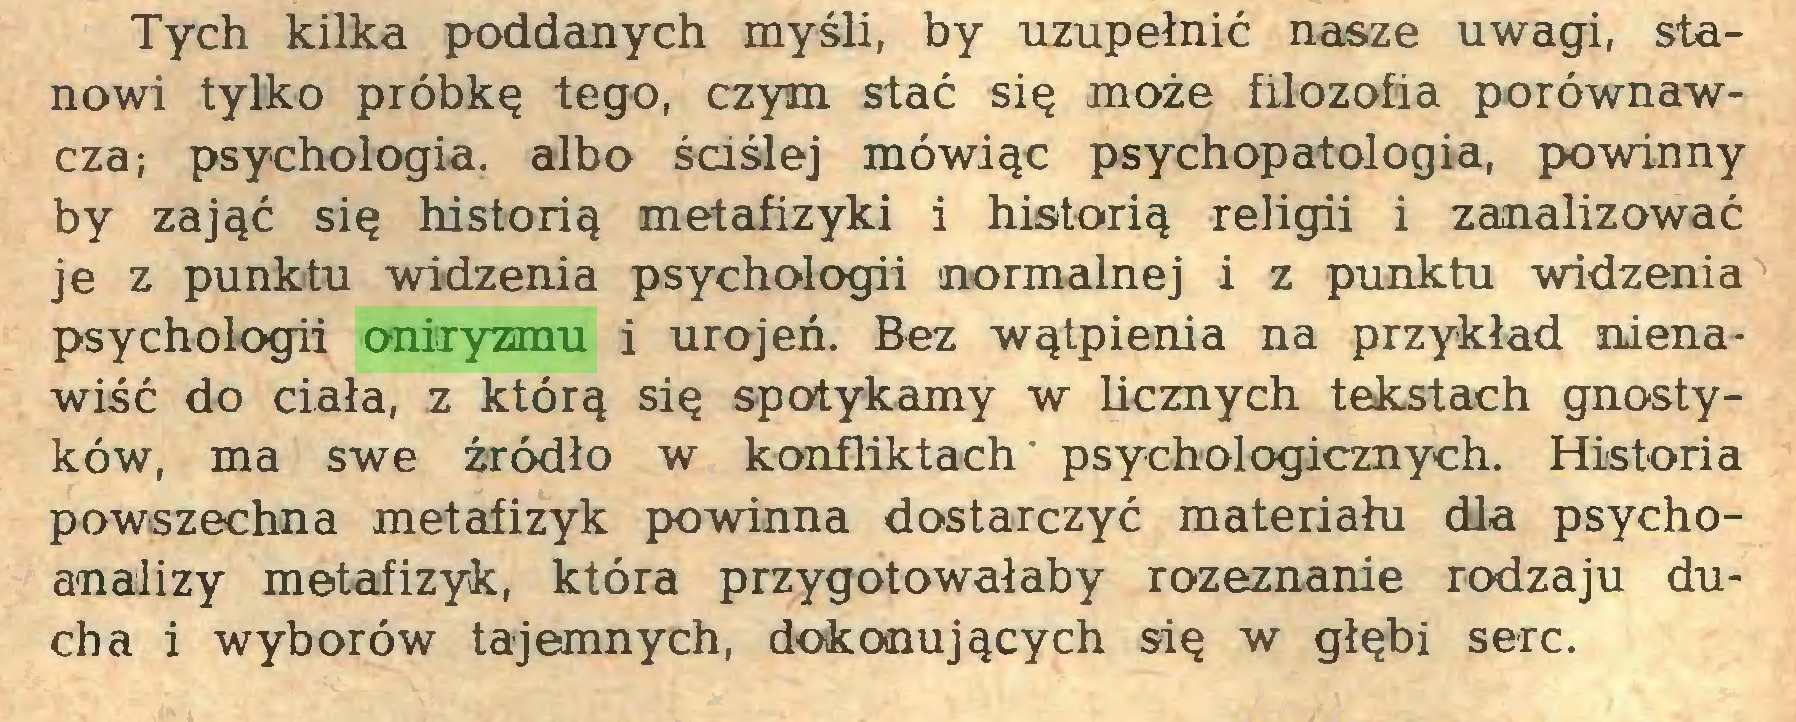 (...) Tych kilka poddanych myśli, by uzupełnić nasze uwagi, stanowi tylko próbkę tego, czym stać się może filozofia porównawcza; psychologia, albo ściślej mówiąc psychopatologia, powinny by zająć się historią metafizyki i historią religii i zanalizować je z punktu widzenia psychologii normalnej i z punktu widzenia psychologii oniryzmu i urojeń. Bez wątpienia na przykład nienawiść do ciała, z którą się spotykamy w licznych tekstach gnostyków, ma swe źródło w konfliktach' psychologicznych. Historia powszechna metafizyk powinna dostarczyć materiału dla psychoanalizy metafizyk, która przygotowałaby rozeznanie rodzaju ducha i wyborów tajemnych, dokonujących się w głębi serc...